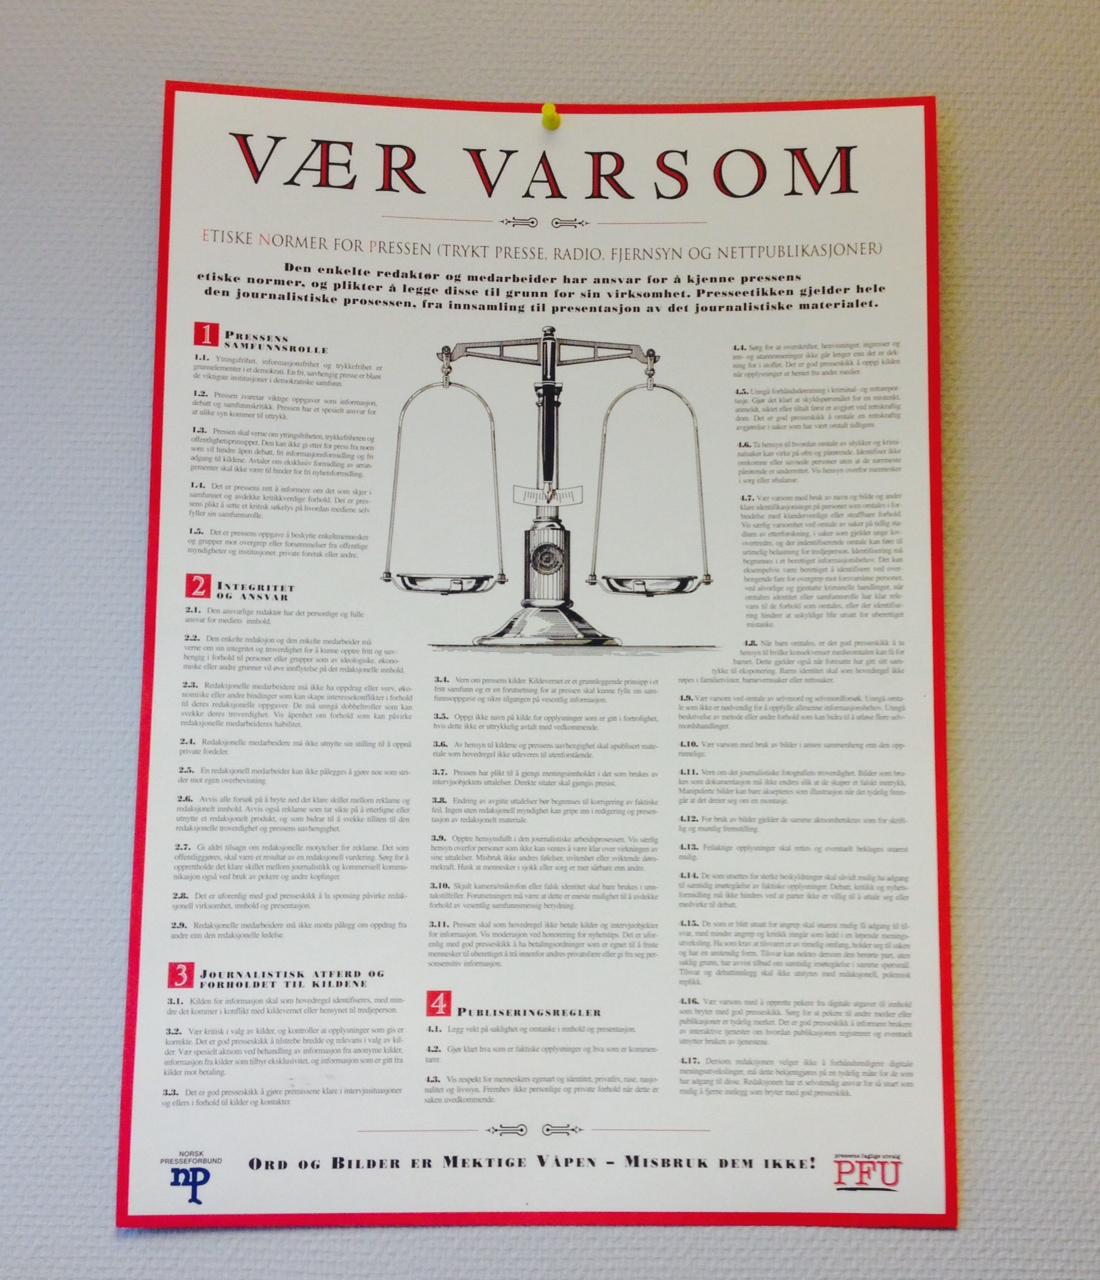 Vær Varsom-plakaten inneholder et sett etiske normer som redaktørstyrte medier har forpliktet seg til å følge. PFU behandler klager knyttet til brudd på denne plakaten.